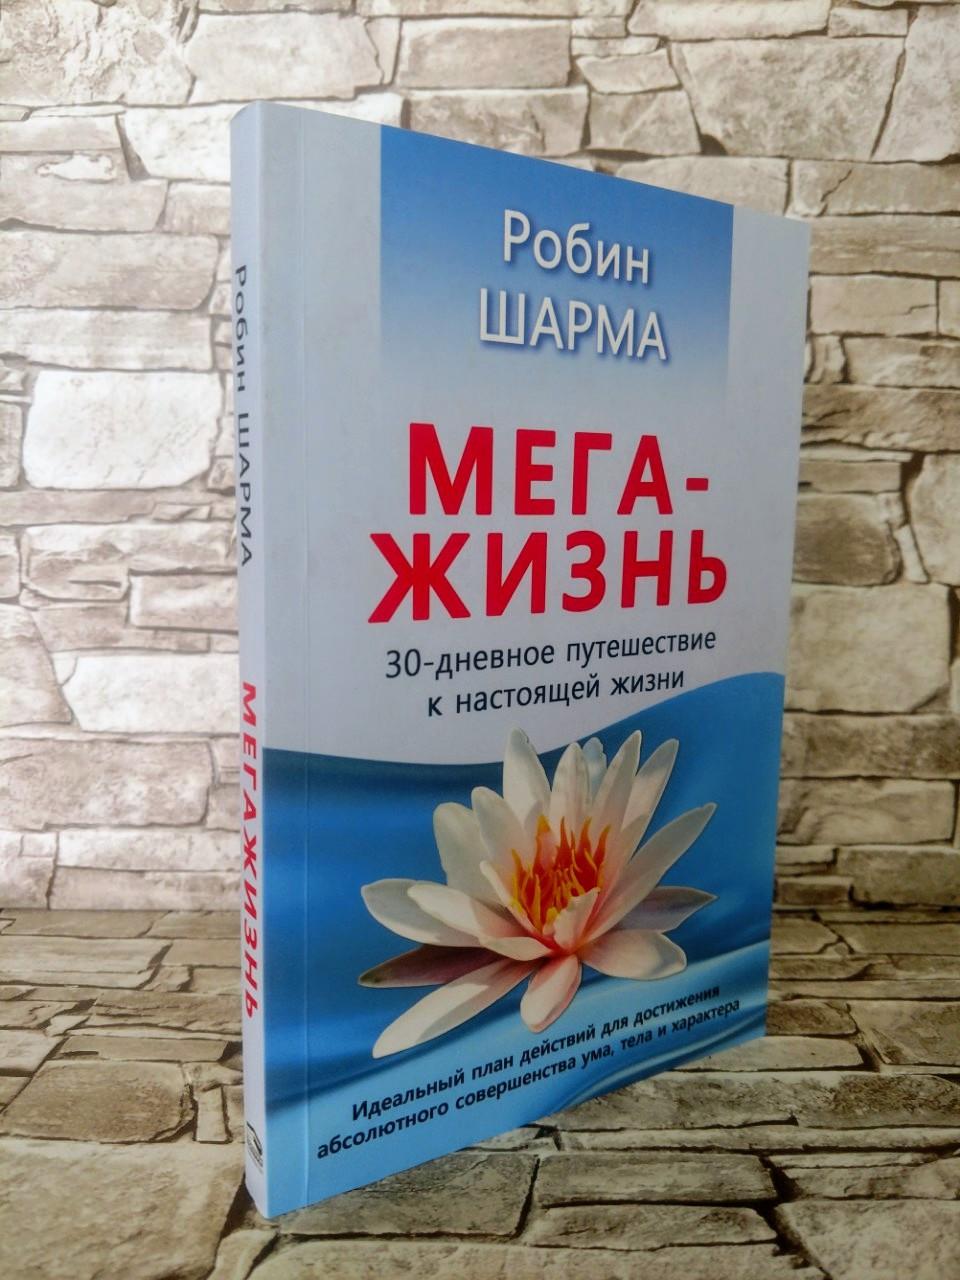 Книга «Мега-жизнь. 30-дневное путешествие у настоящей жизни» Робин Шарма